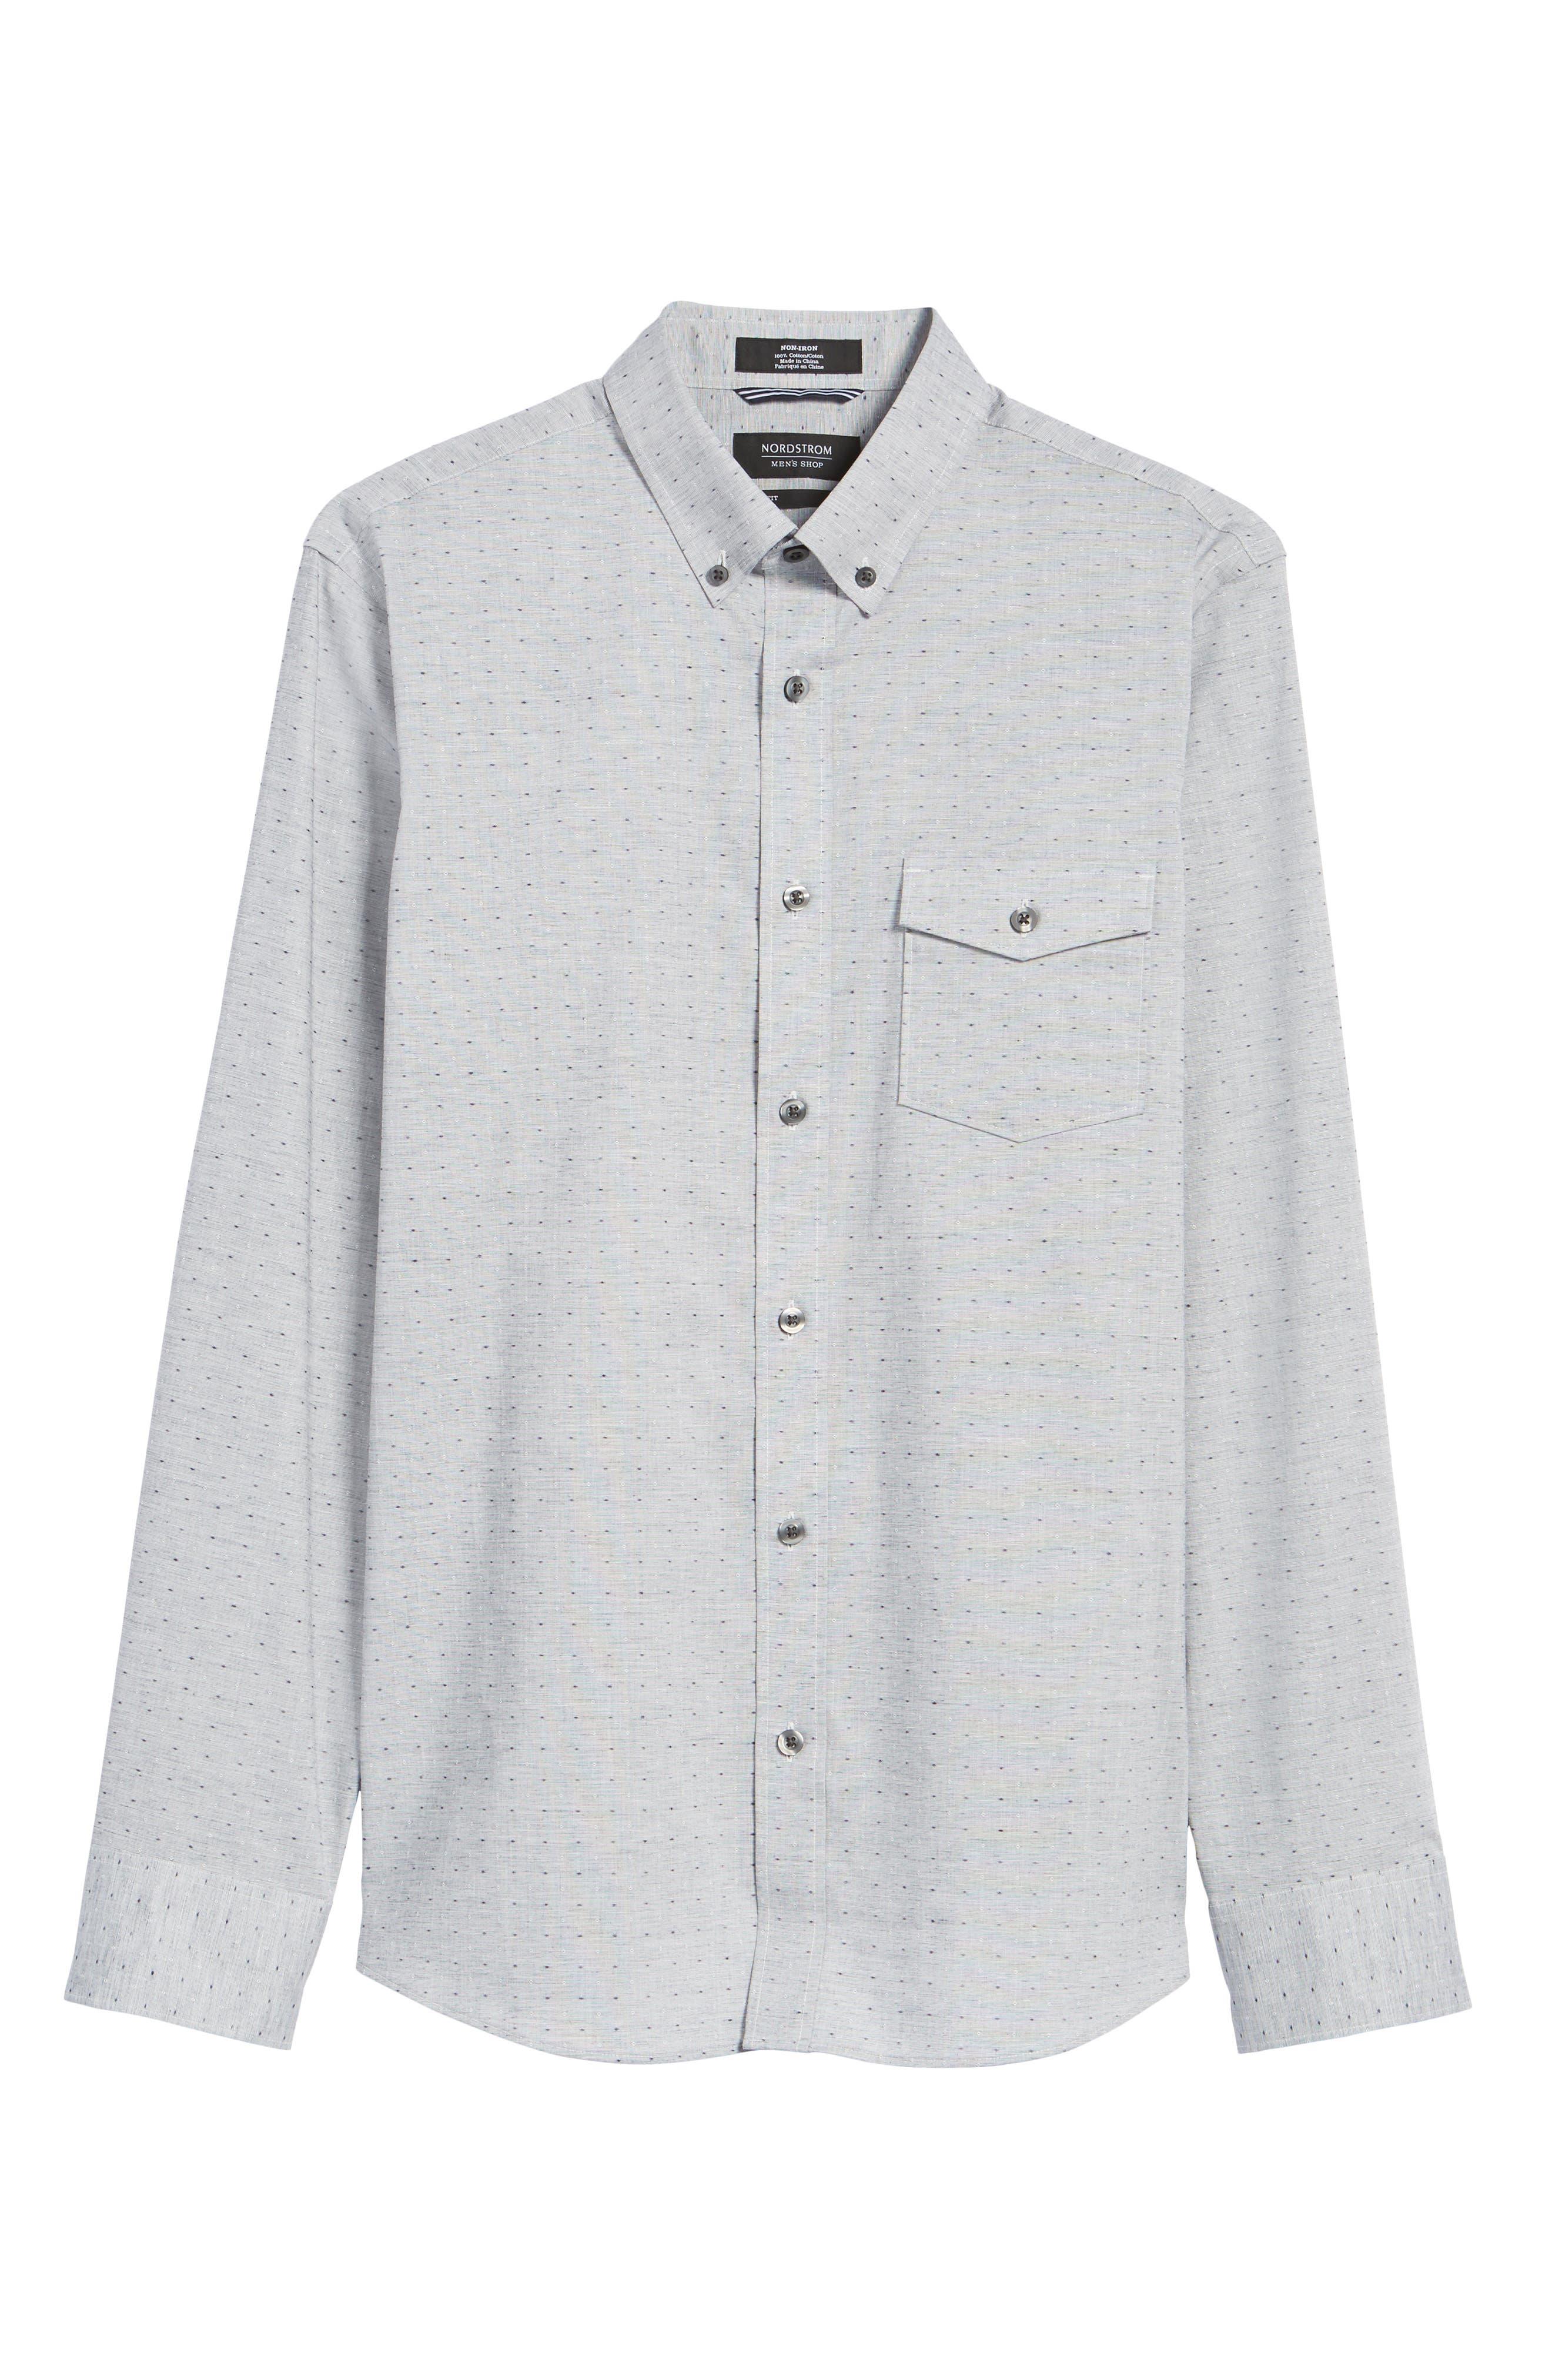 Trim Fit Dobby Sport Shirt,                             Alternate thumbnail 6, color,                             Navy White Eoe Dobby